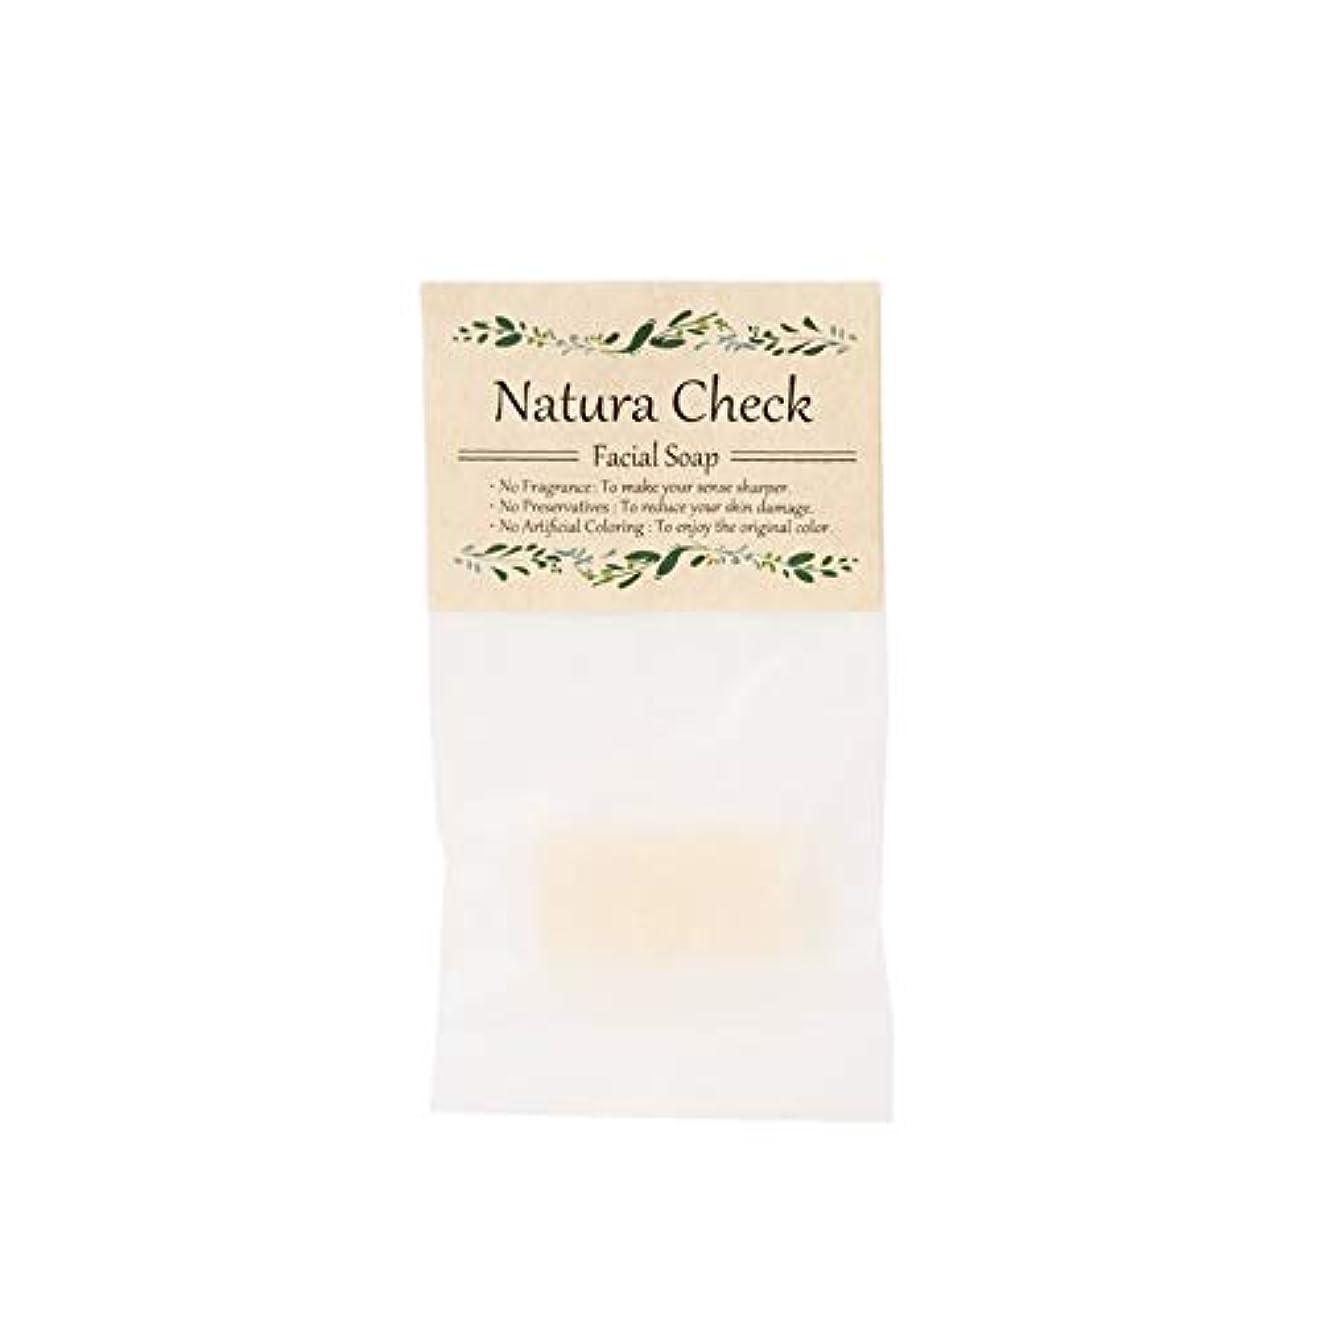 感謝十分な空港Natura Check(ナチュラチェック)無添加洗顔せっけん10g お試し?トラベル用サイズ